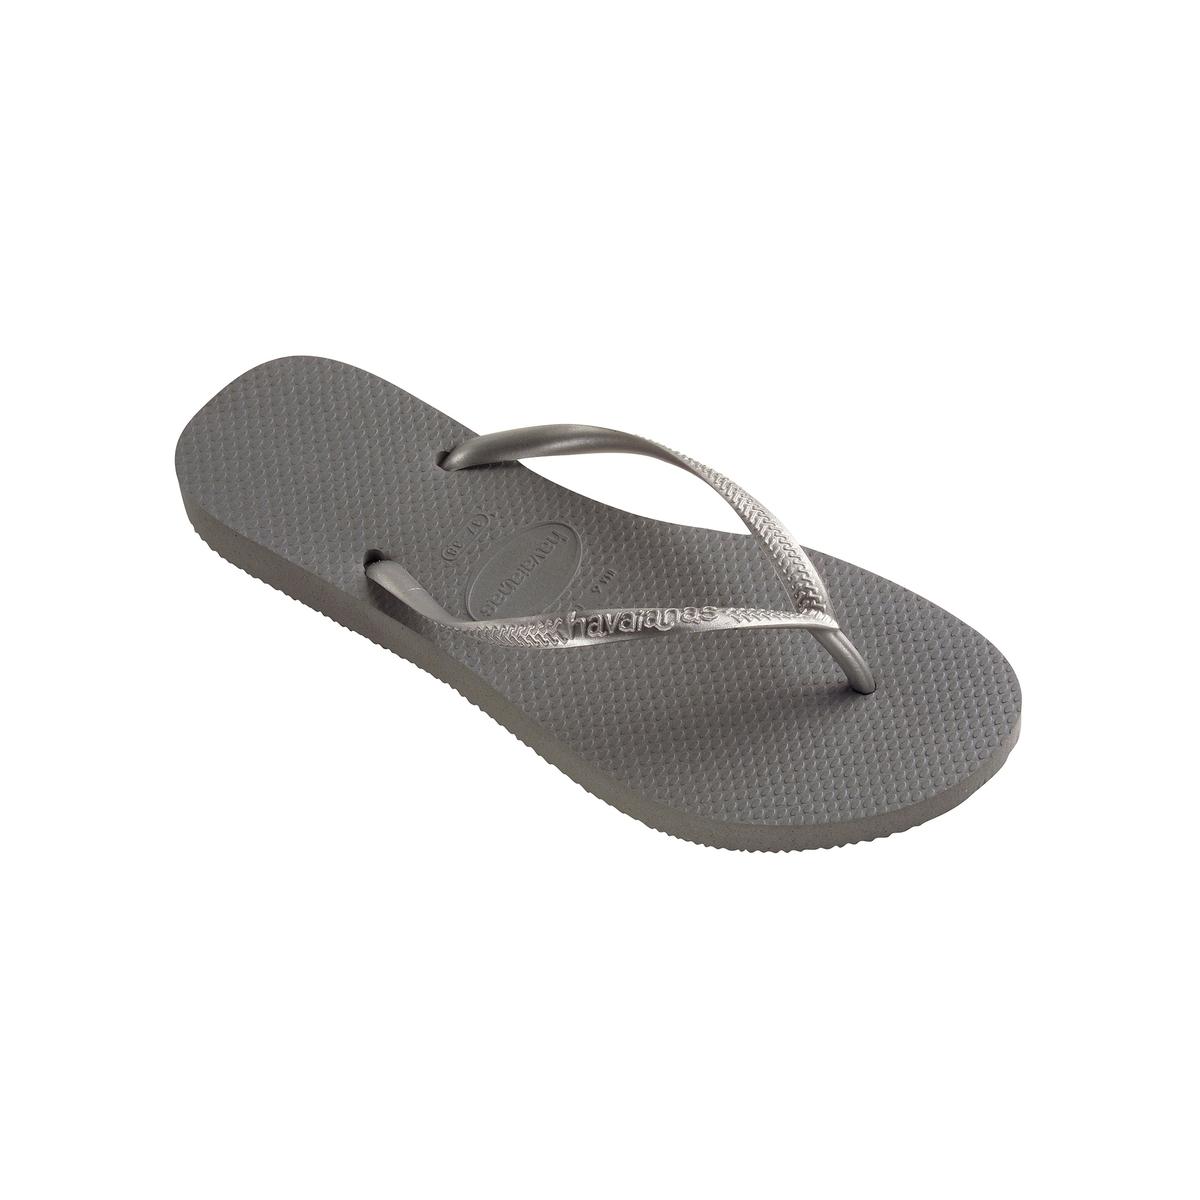 Вьетнамки SlimВерх : каучук   Стелька : каучук   Подошва : каучук   Высота каблука : плоский   Форма каблука : плоский каблук   Мысок : открытый мысок   Застежка : без застежки<br><br>Цвет: серый<br>Размер: 37/38